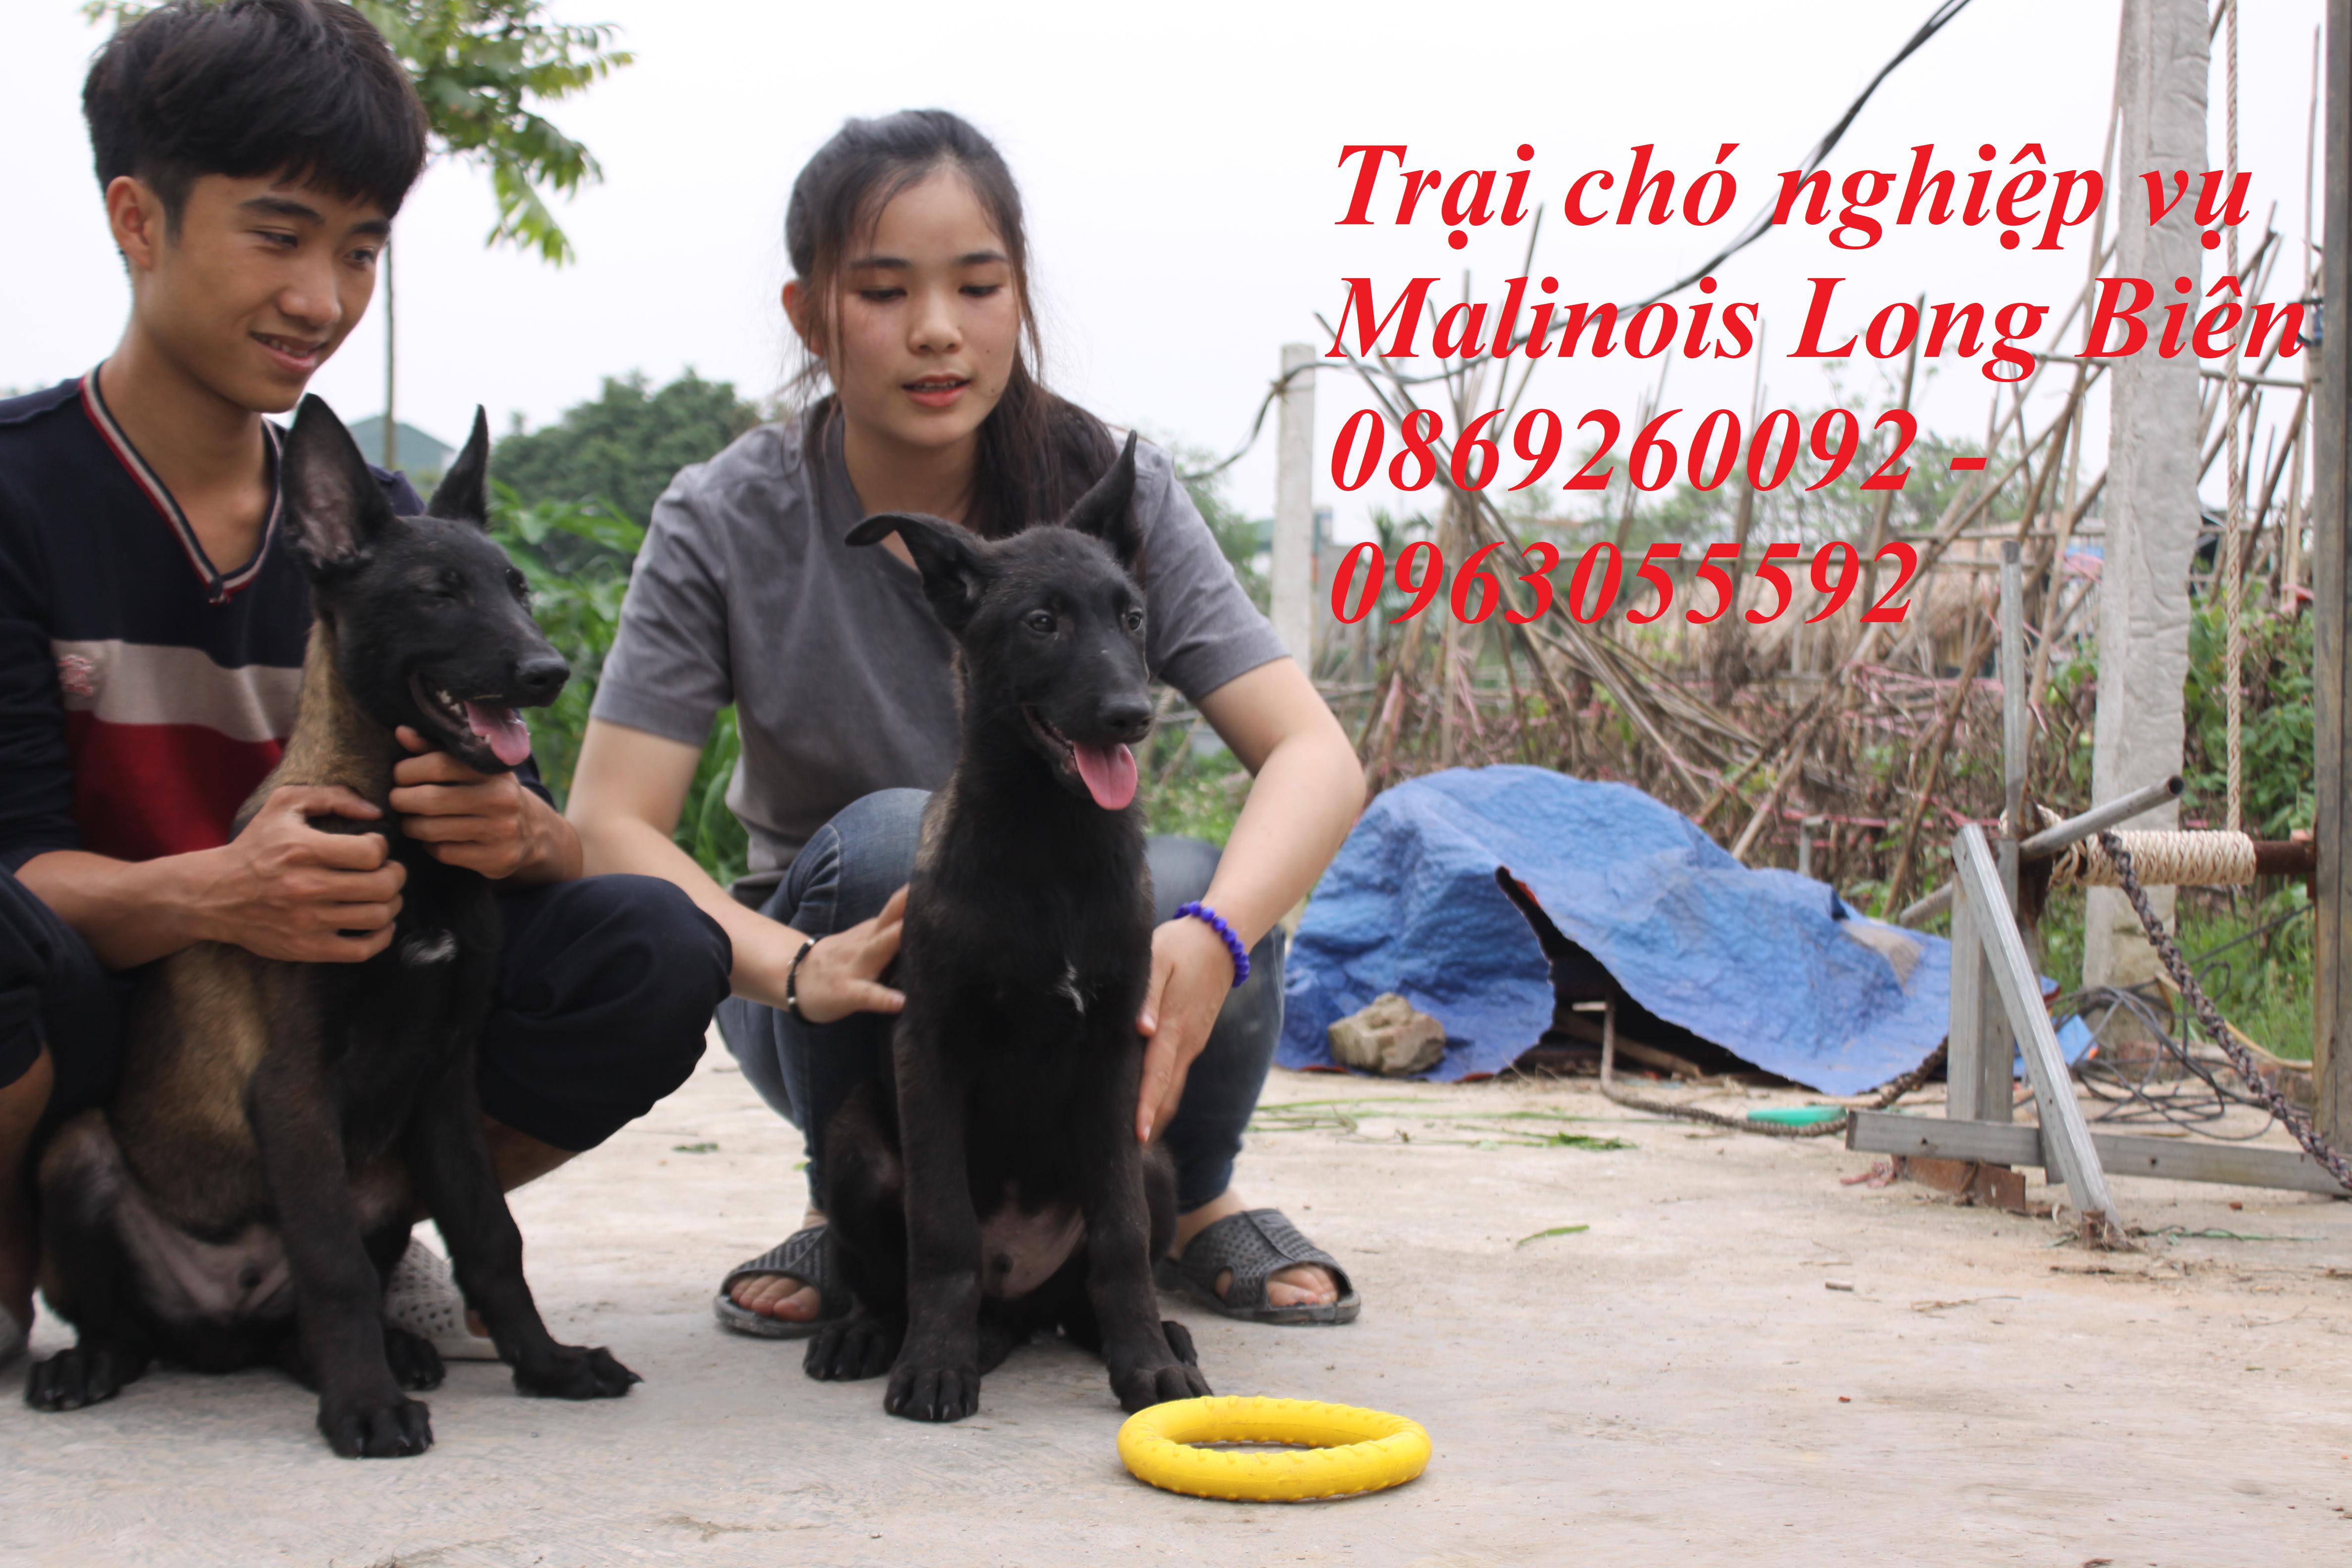 Điều hướng chó becgie Bỉ tại trại chó nghiệp vụ malinois long Biên